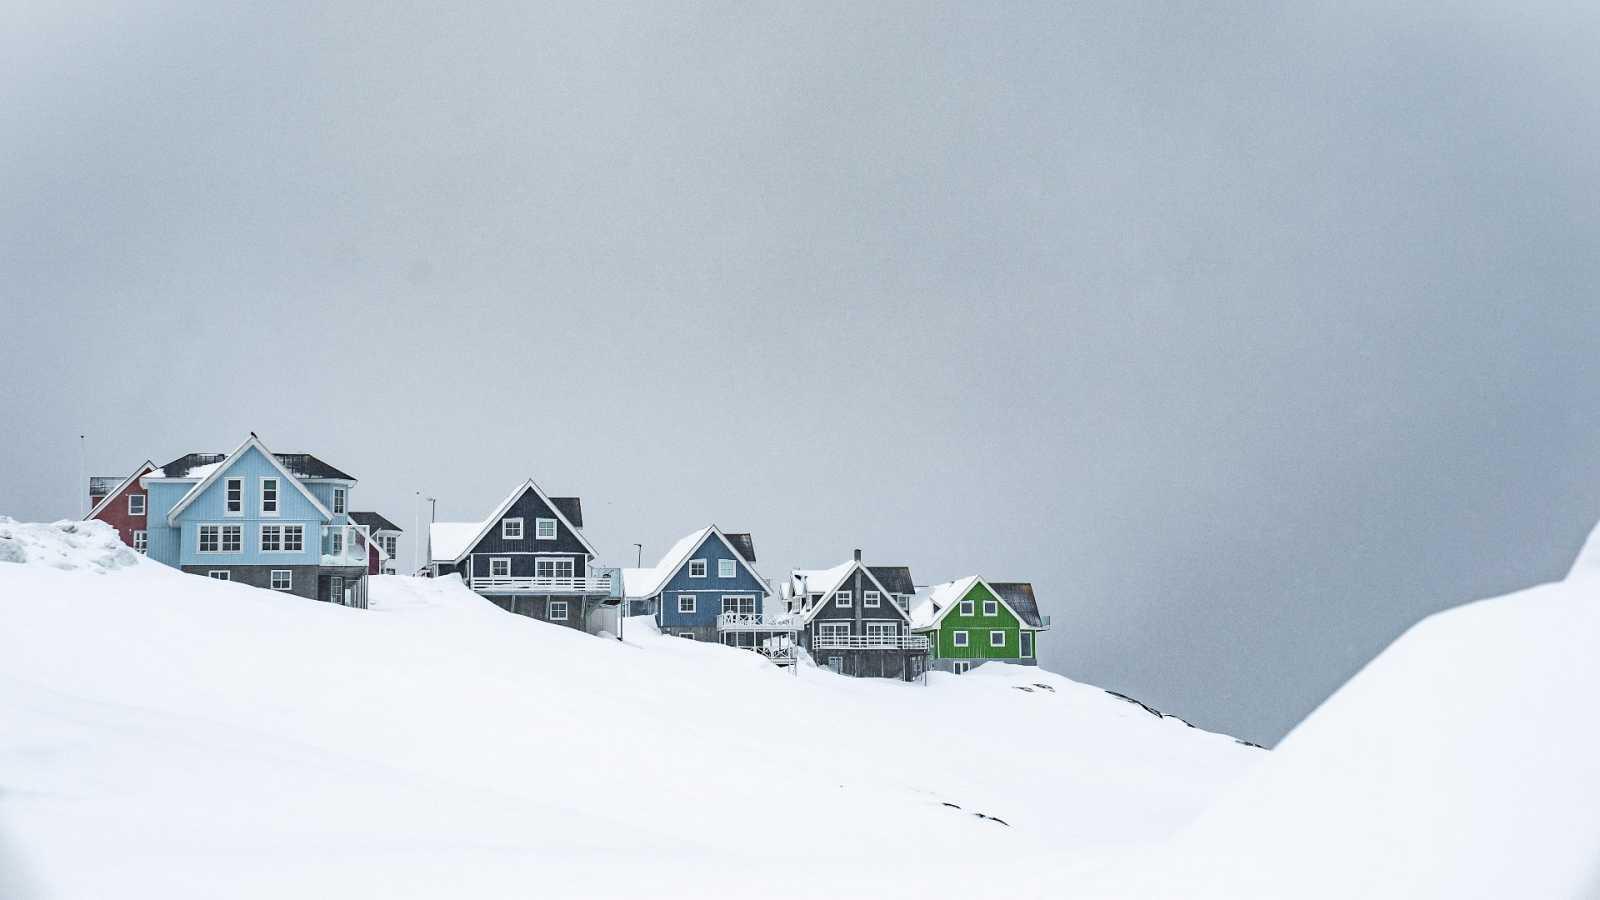 Groenlandia abrirá el segundo mayor yacimiento de 'tierras raras' del mundo